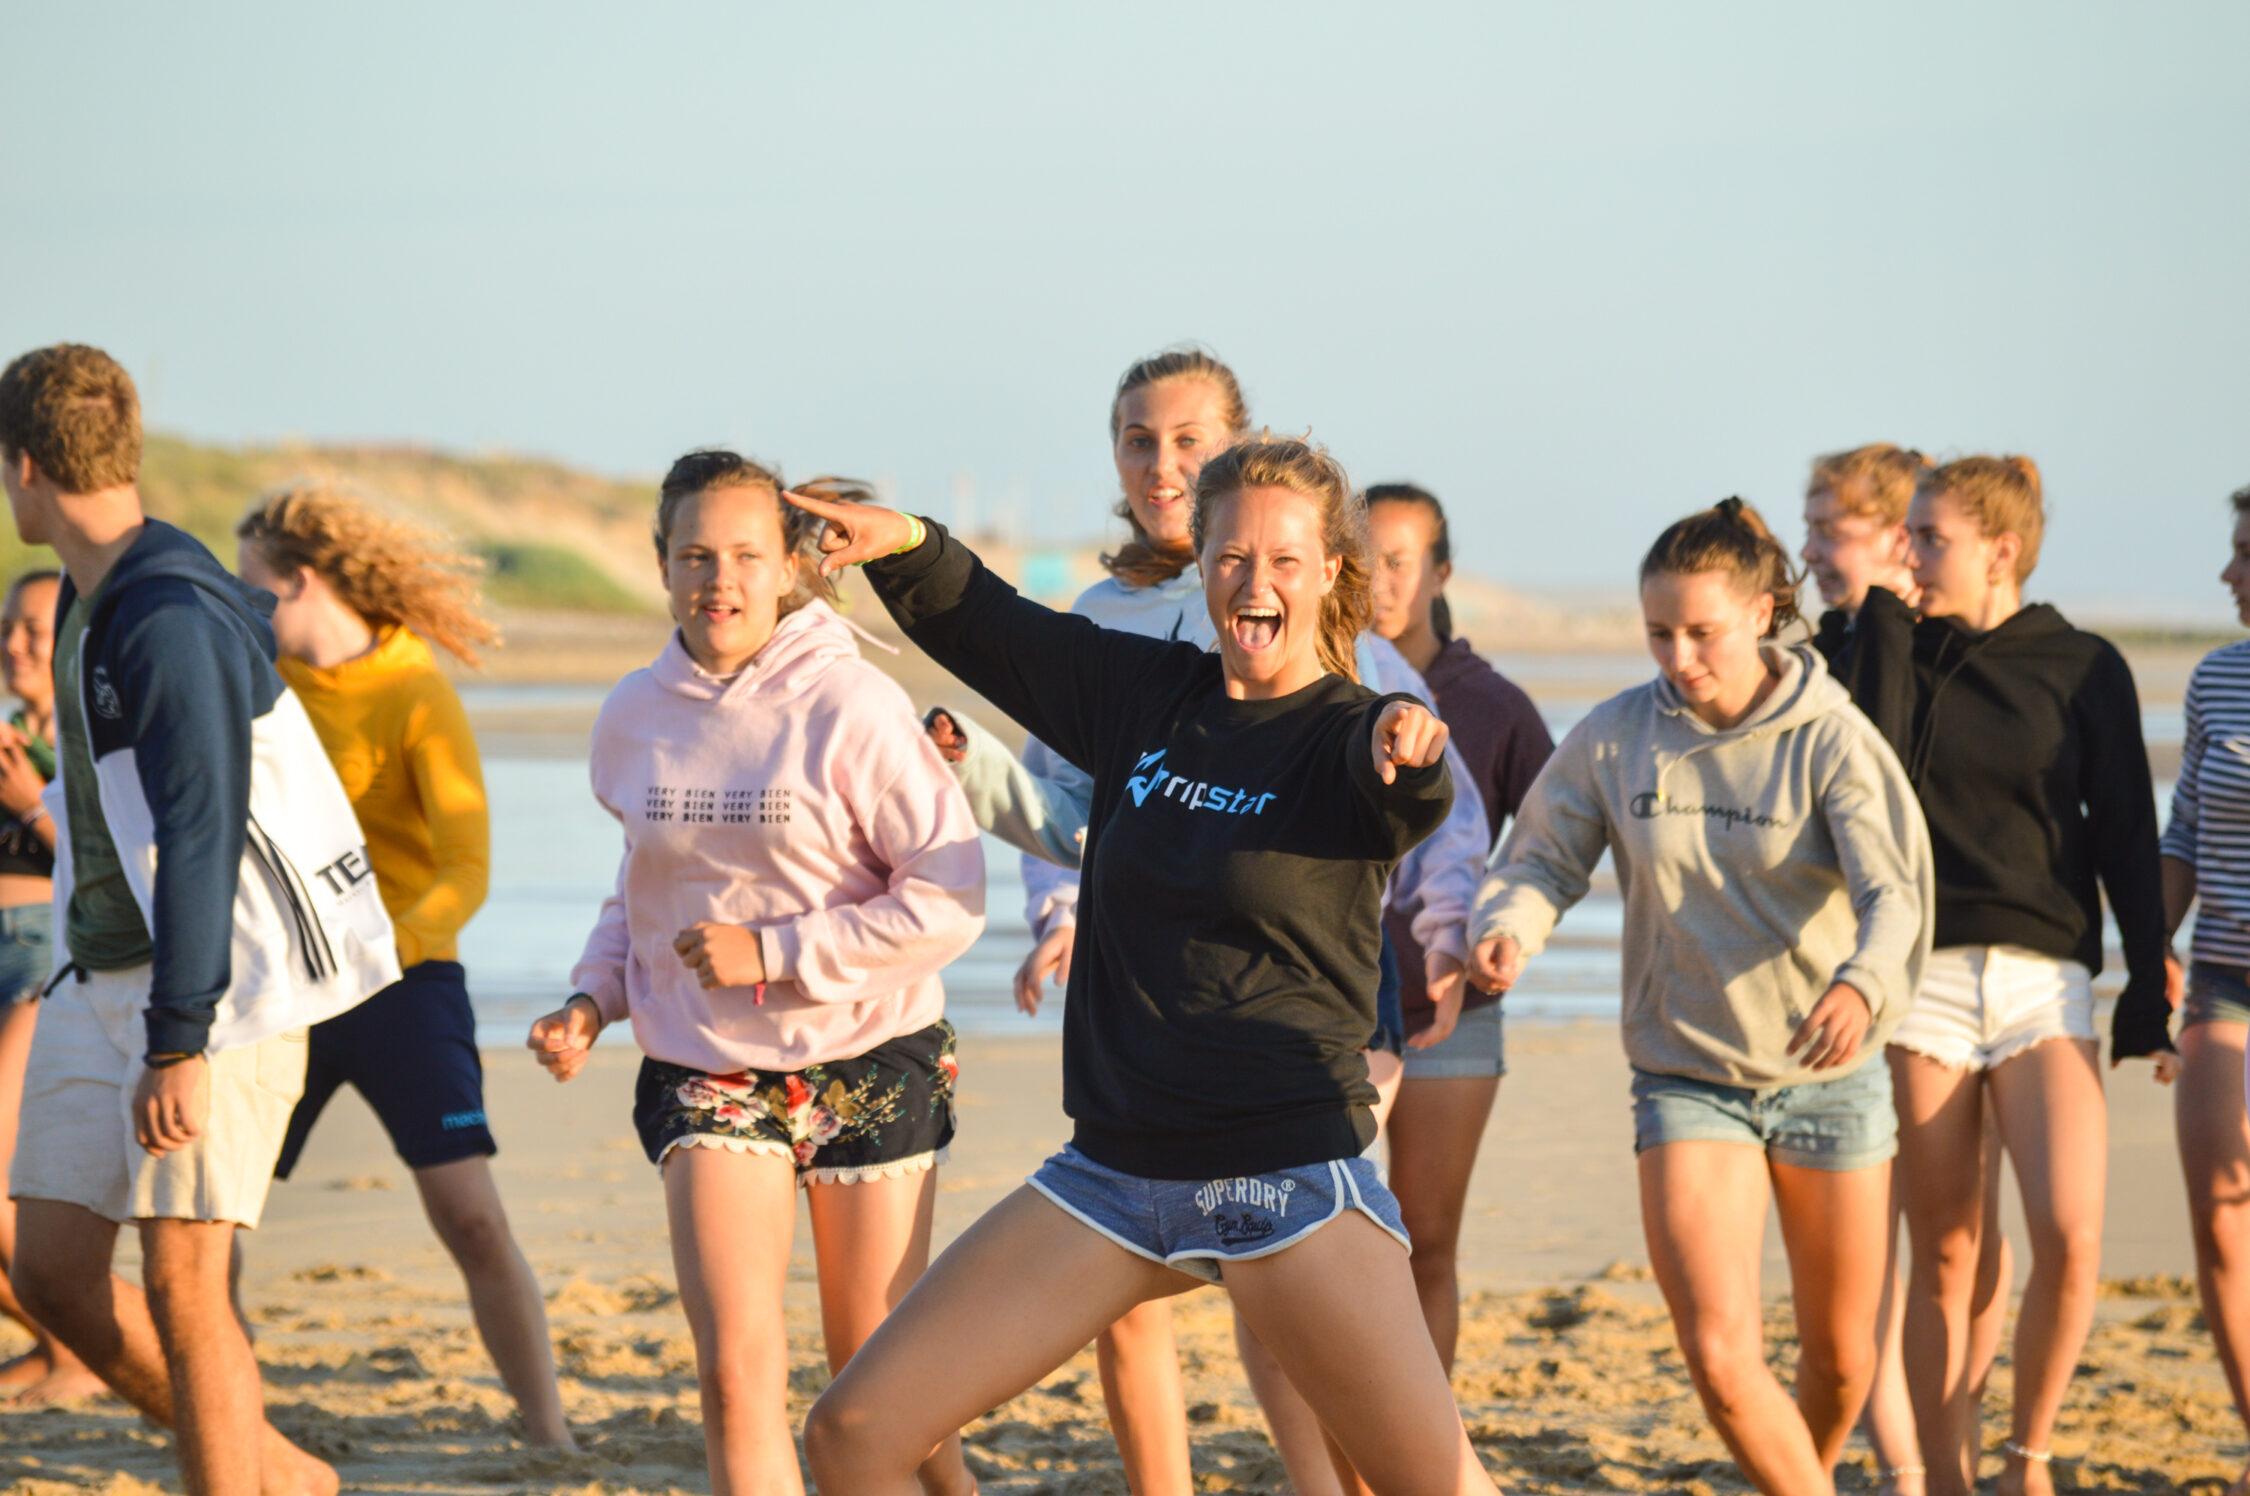 Ripstar Young: jeugdreizen voor actieve jongeren!